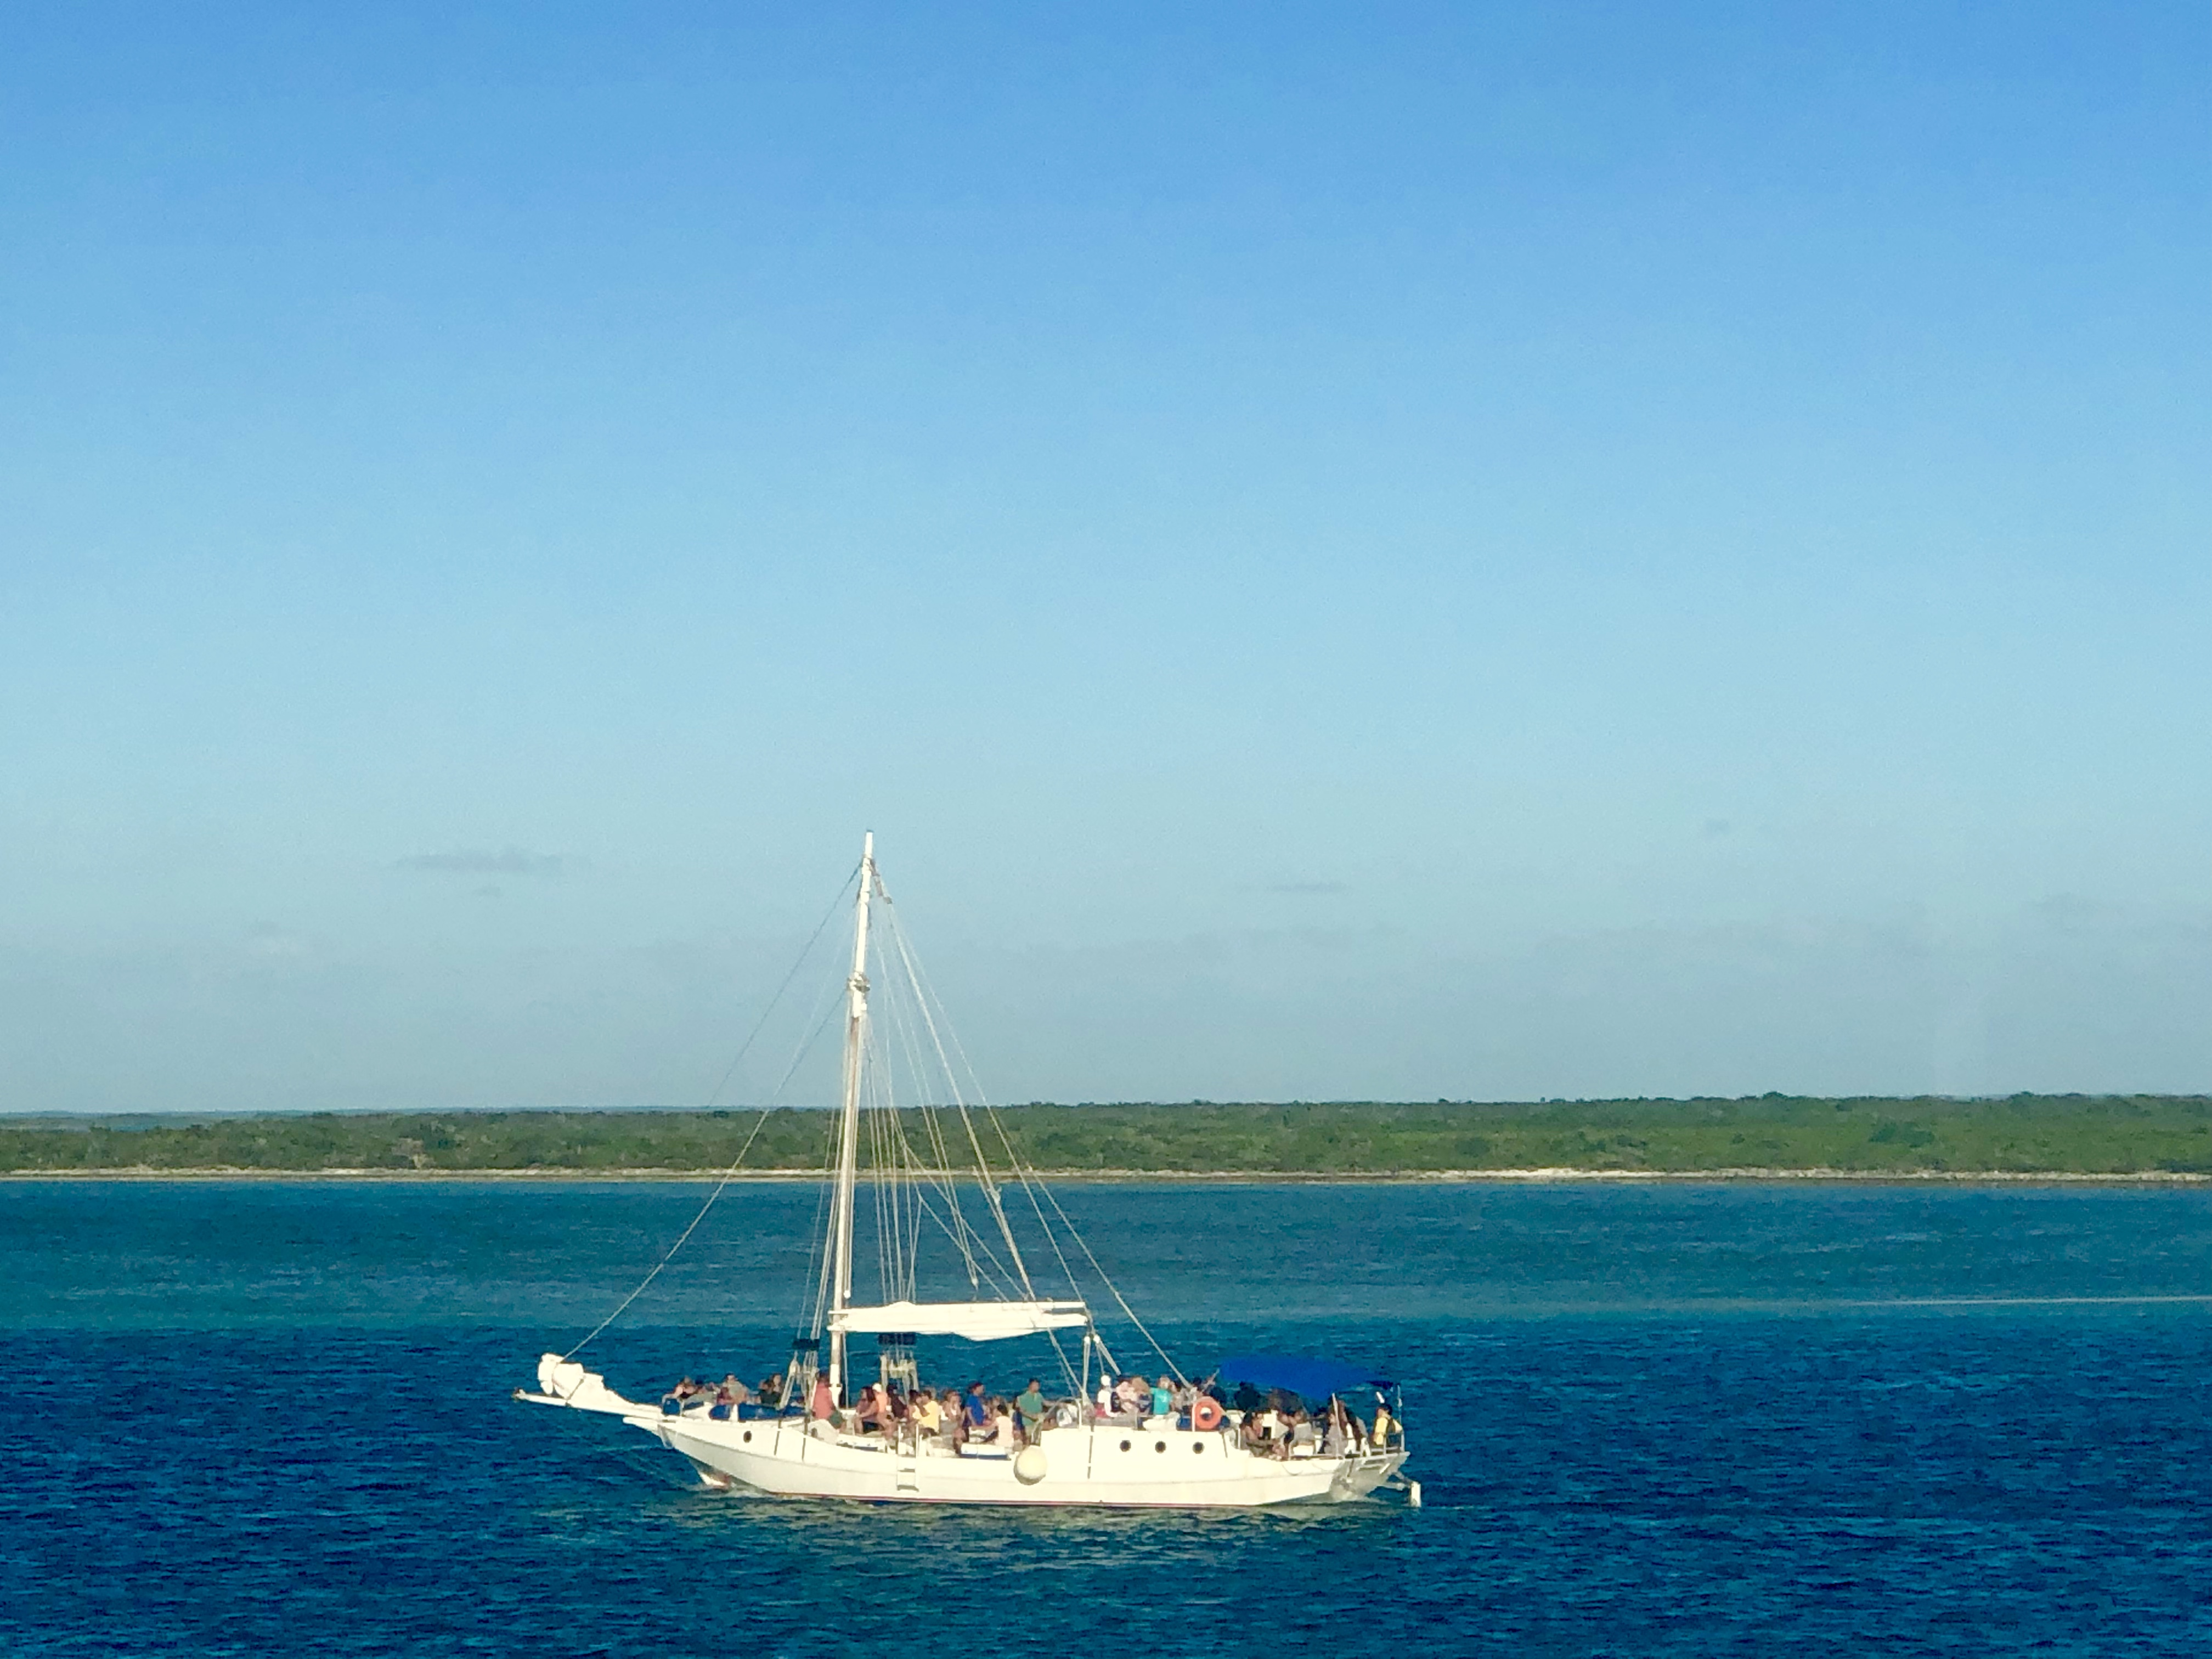 Atybera Sunset Cruise